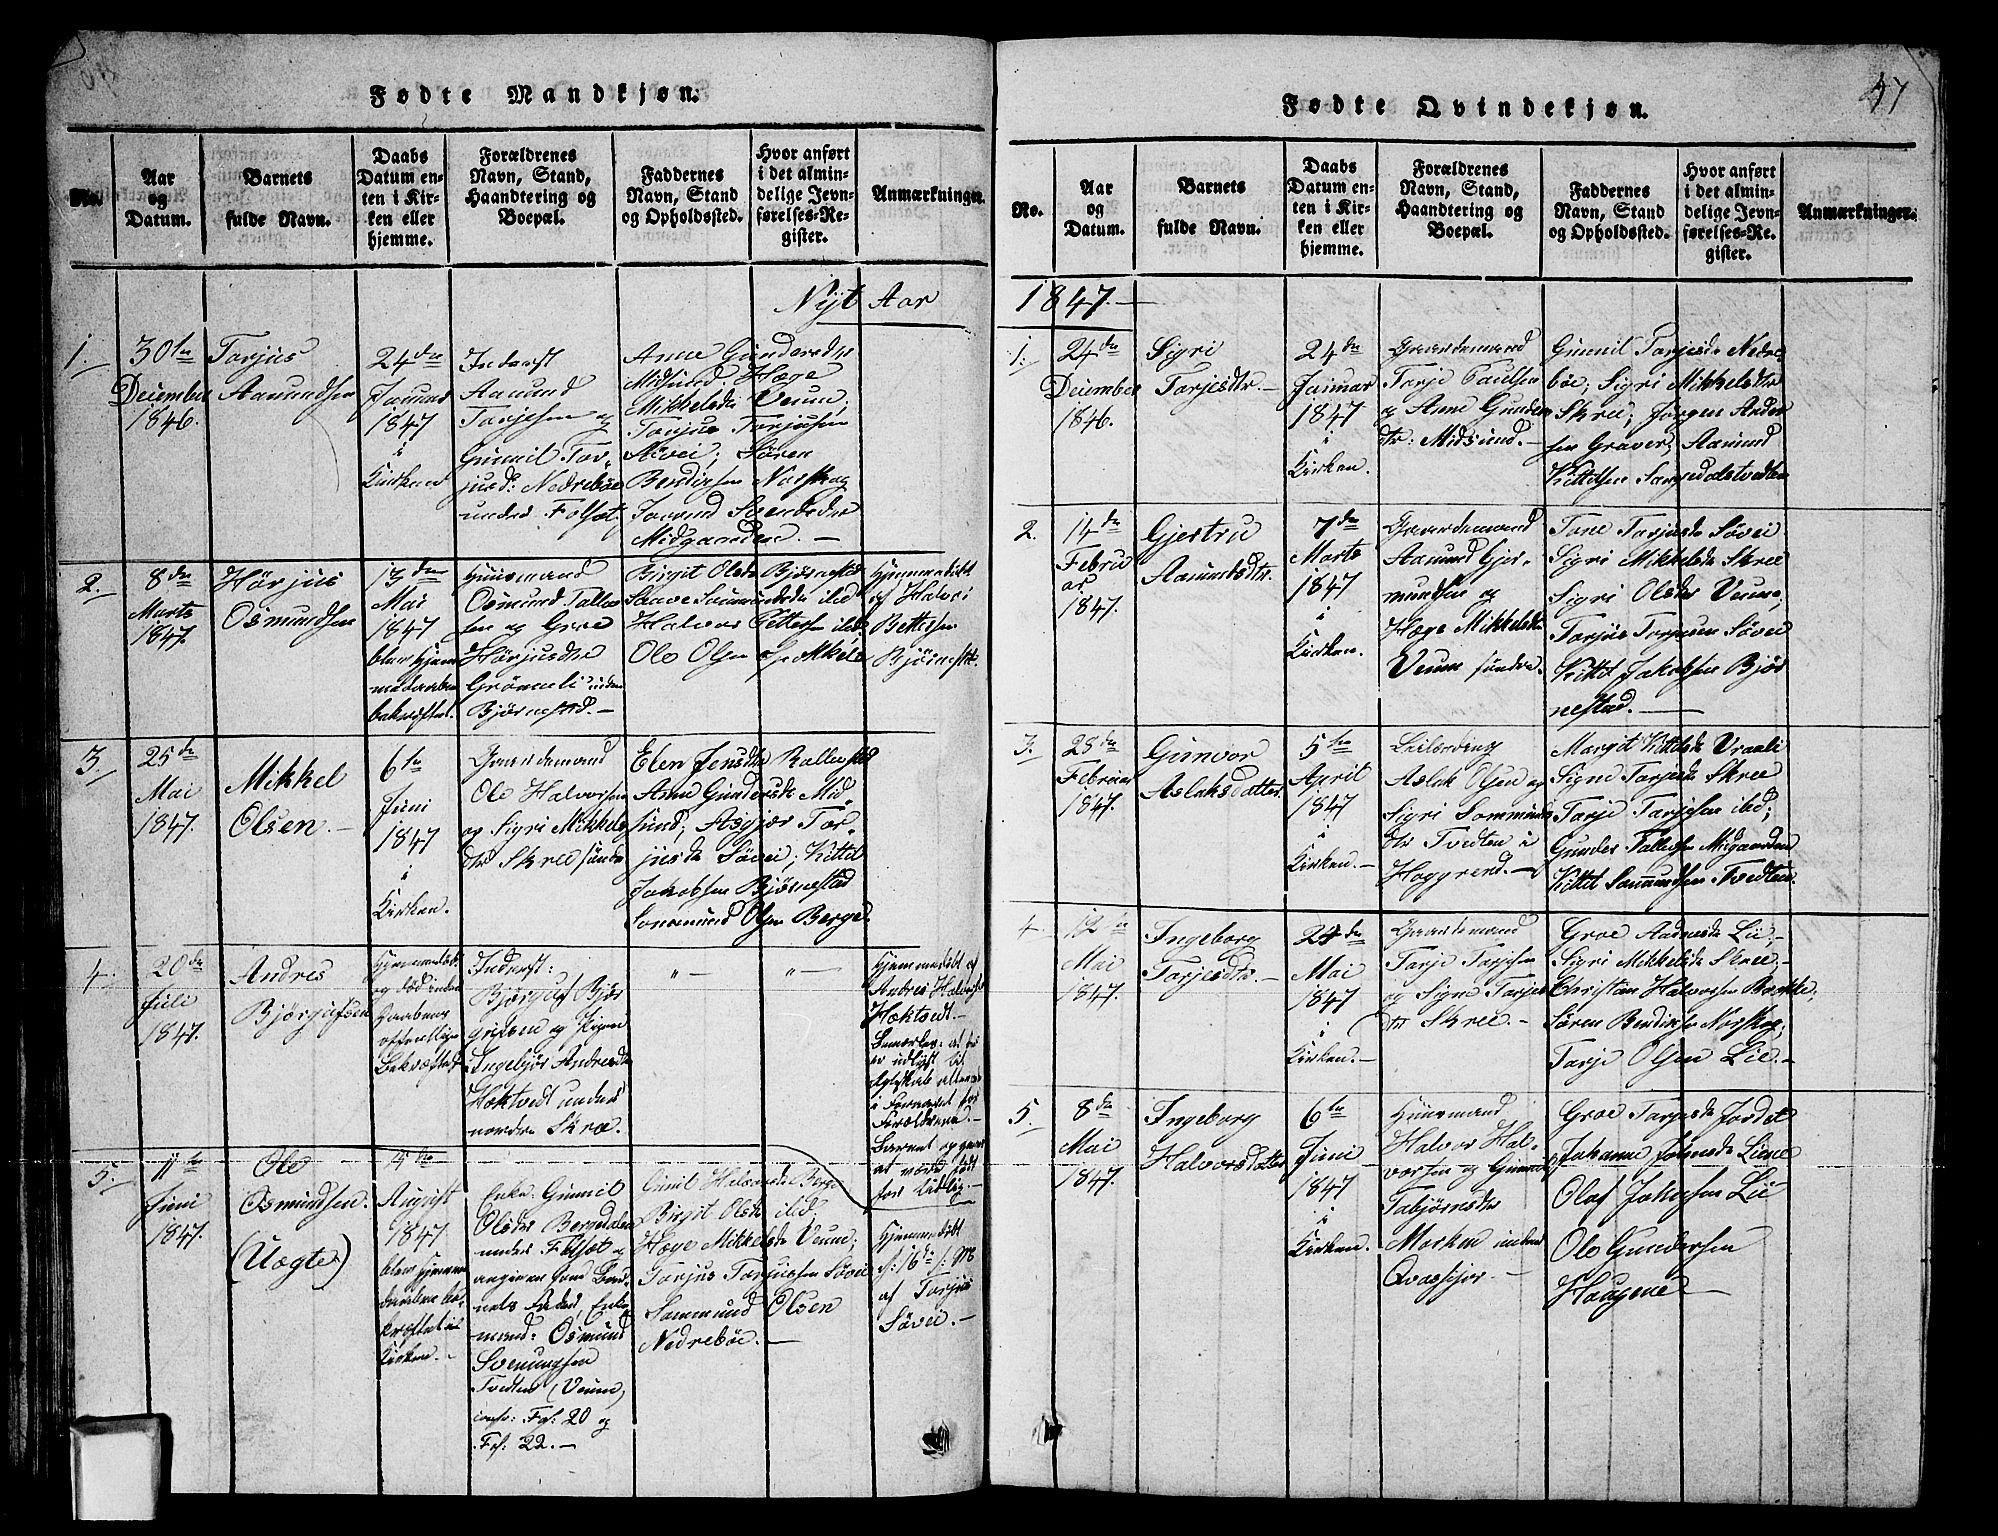 SAKO, Fyresdal kirkebøker, G/Ga/L0003: Klokkerbok nr. I 3, 1815-1863, s. 47